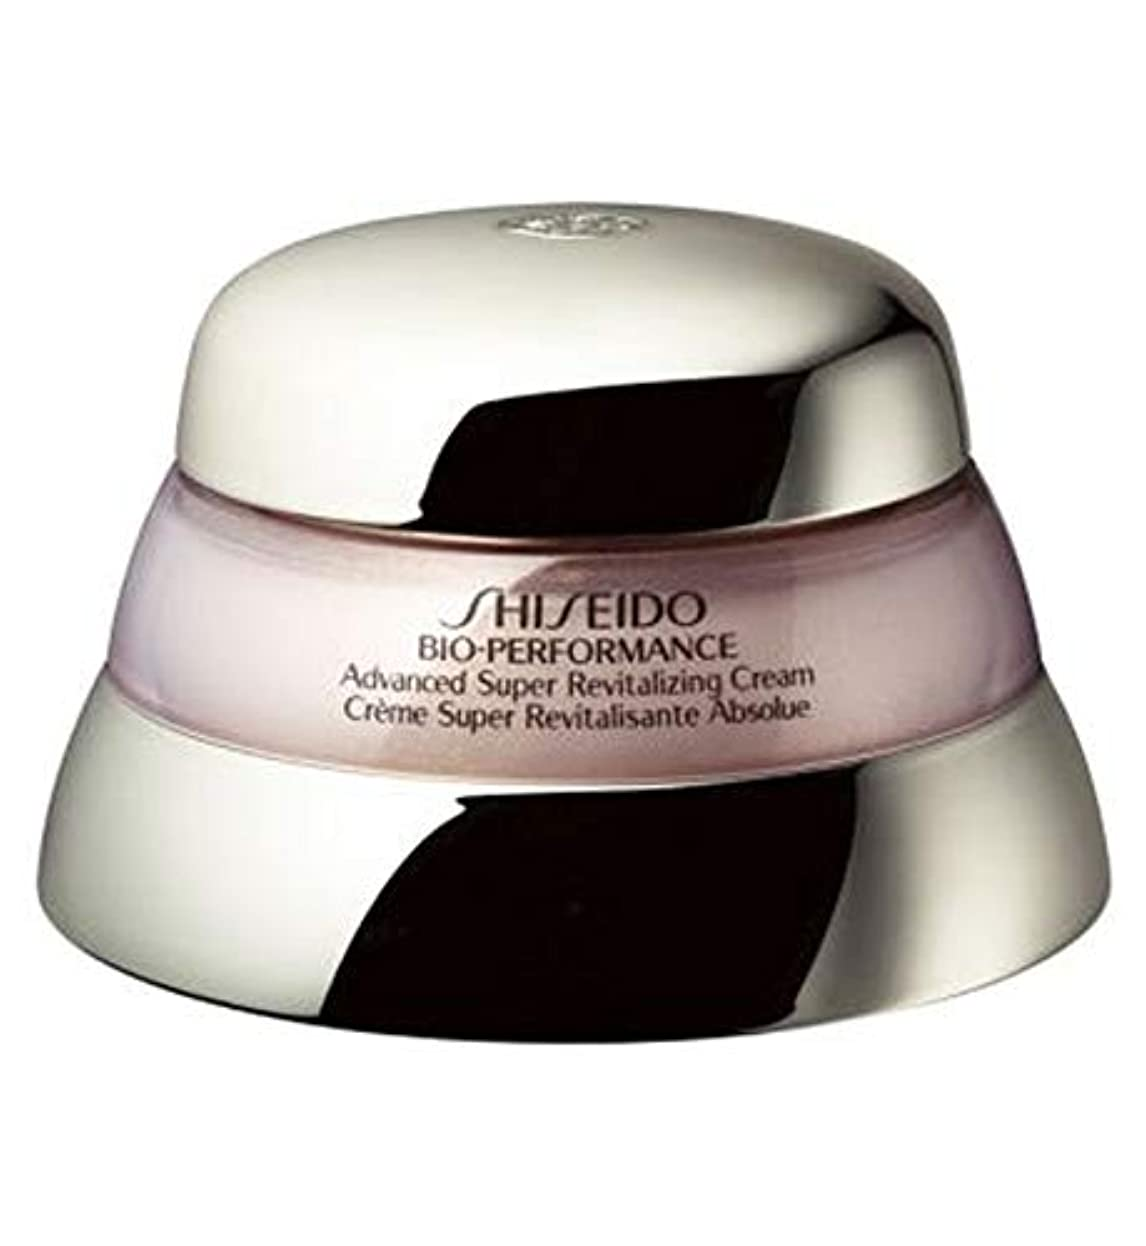 ミケランジェロダイバー会話[Shiseido] 資生堂バイオ - パフォーマンスがスーパーリバイタライジングクリーム50Mlを進めました - Shiseido Bio - Performance Advanced Super Revitalizing...